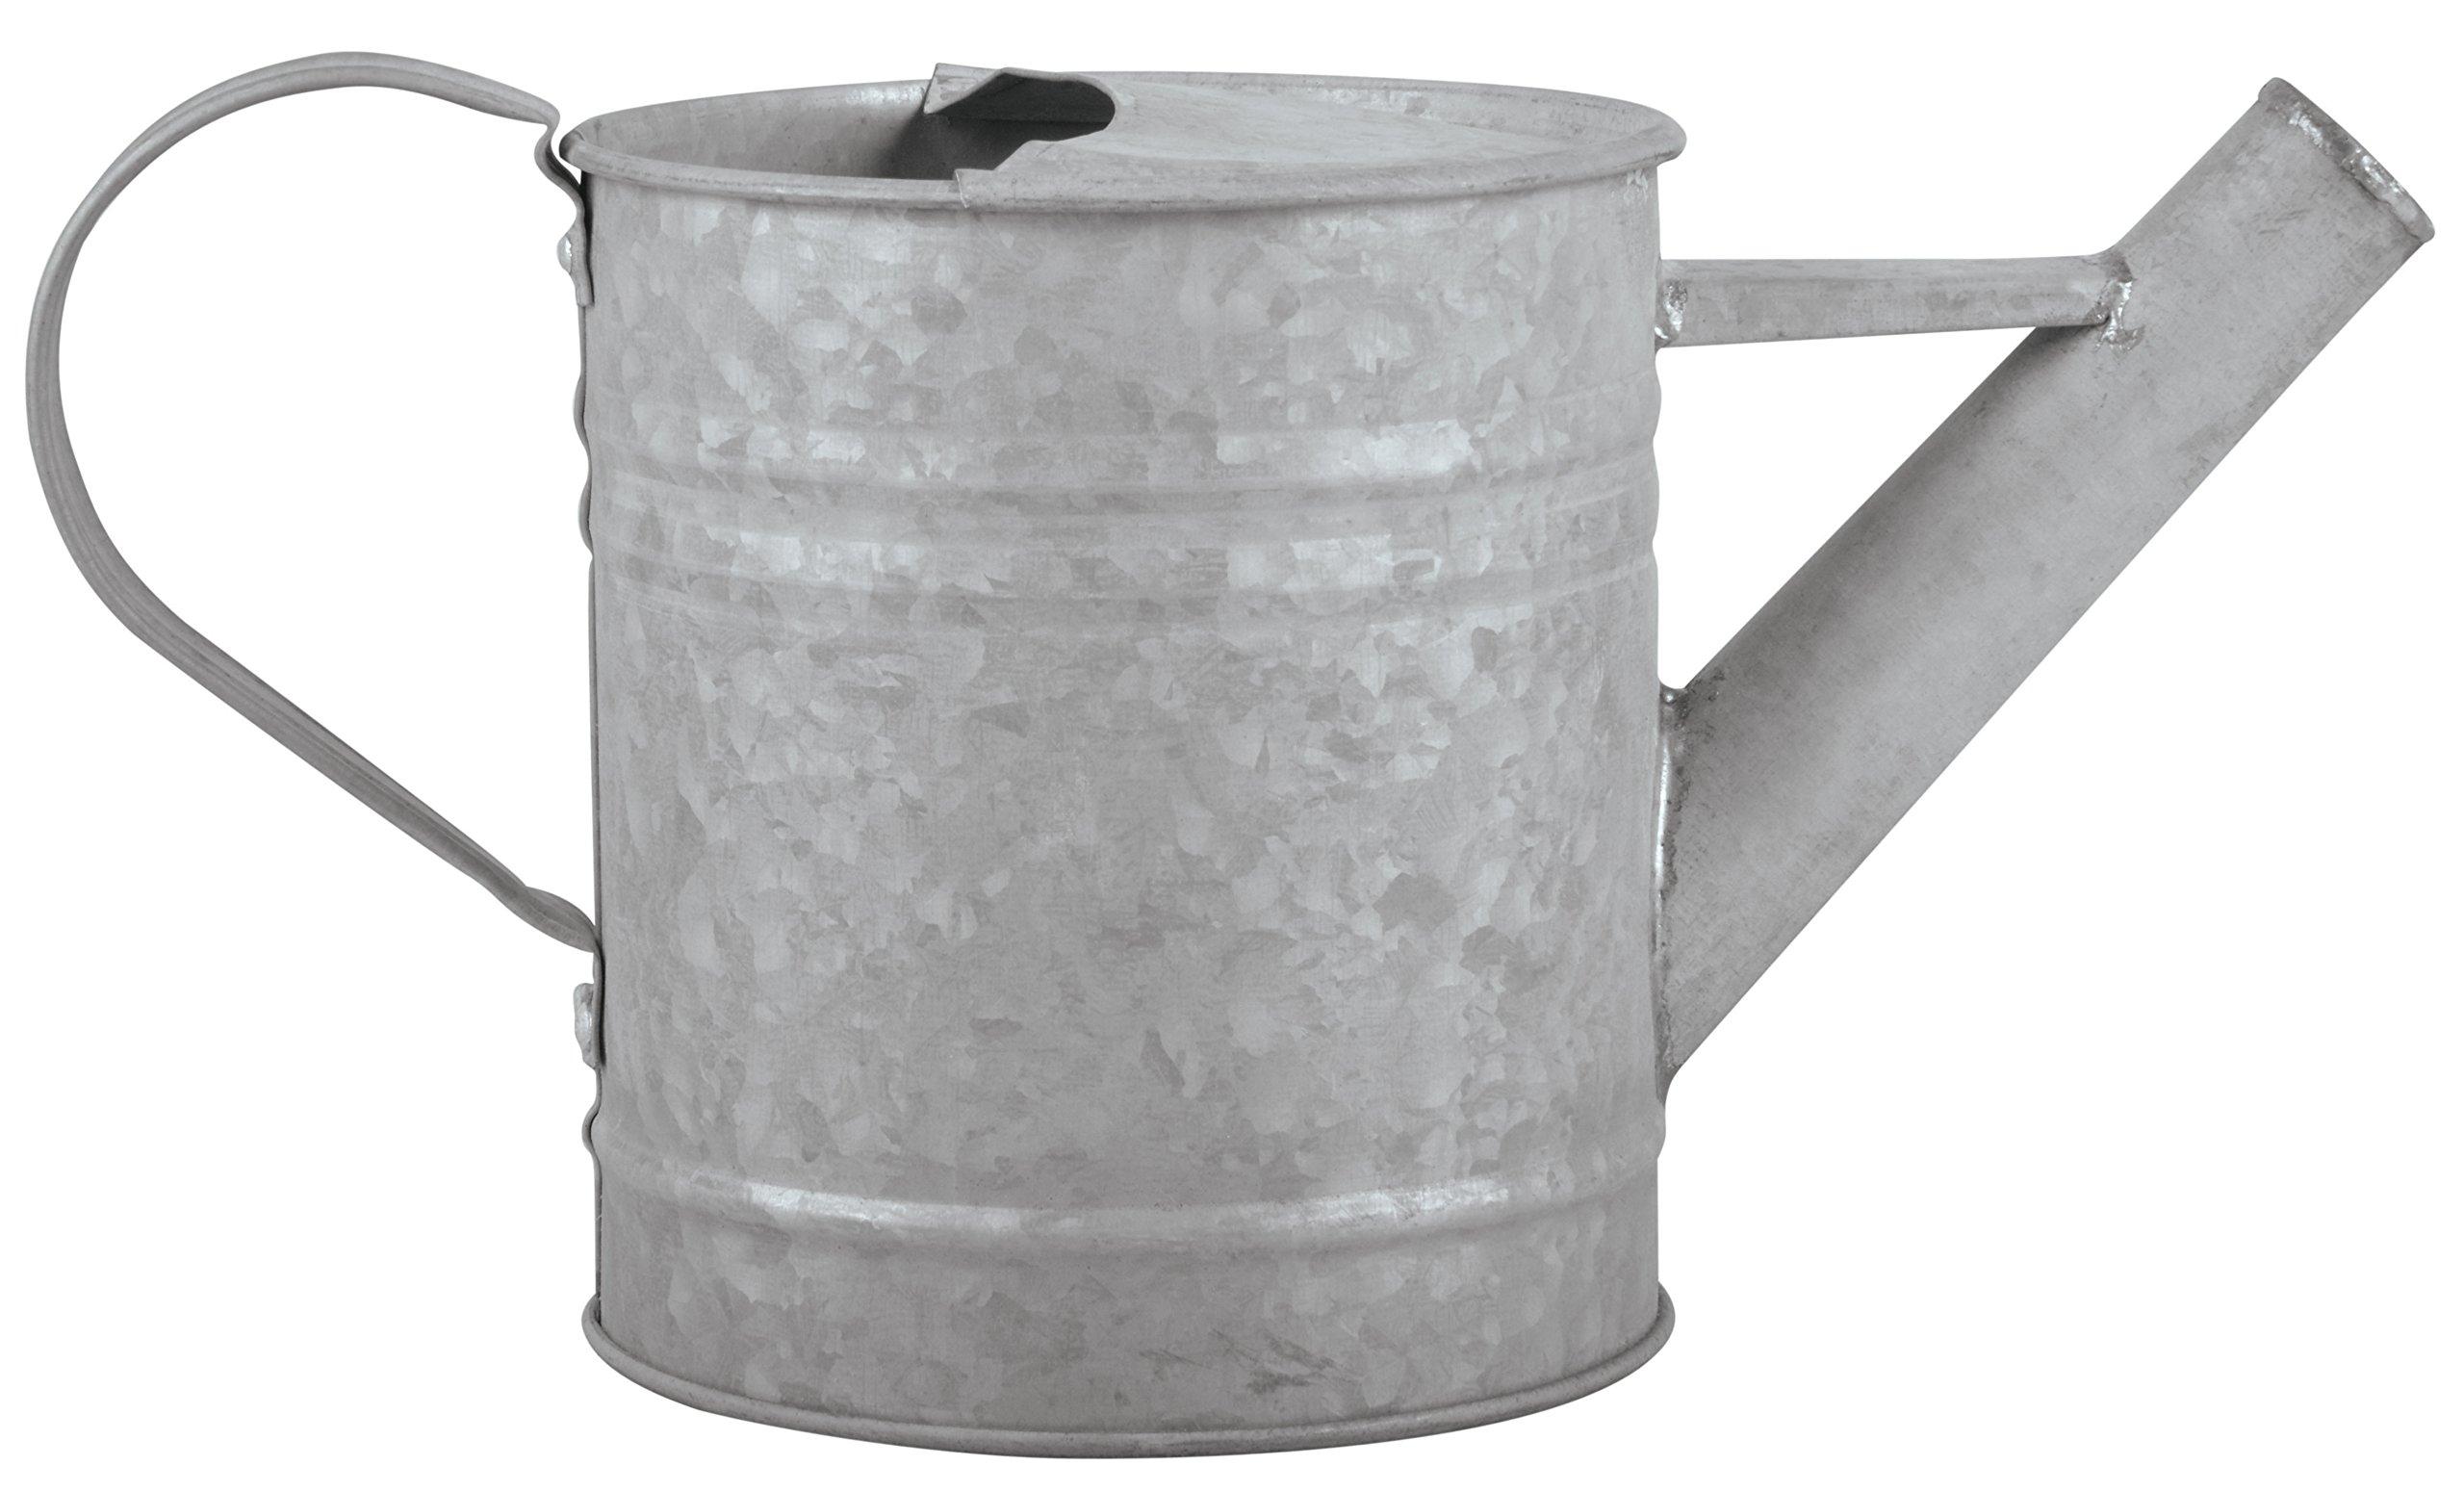 Esschert Design OZ42 Zinc Watering Can, X-Small